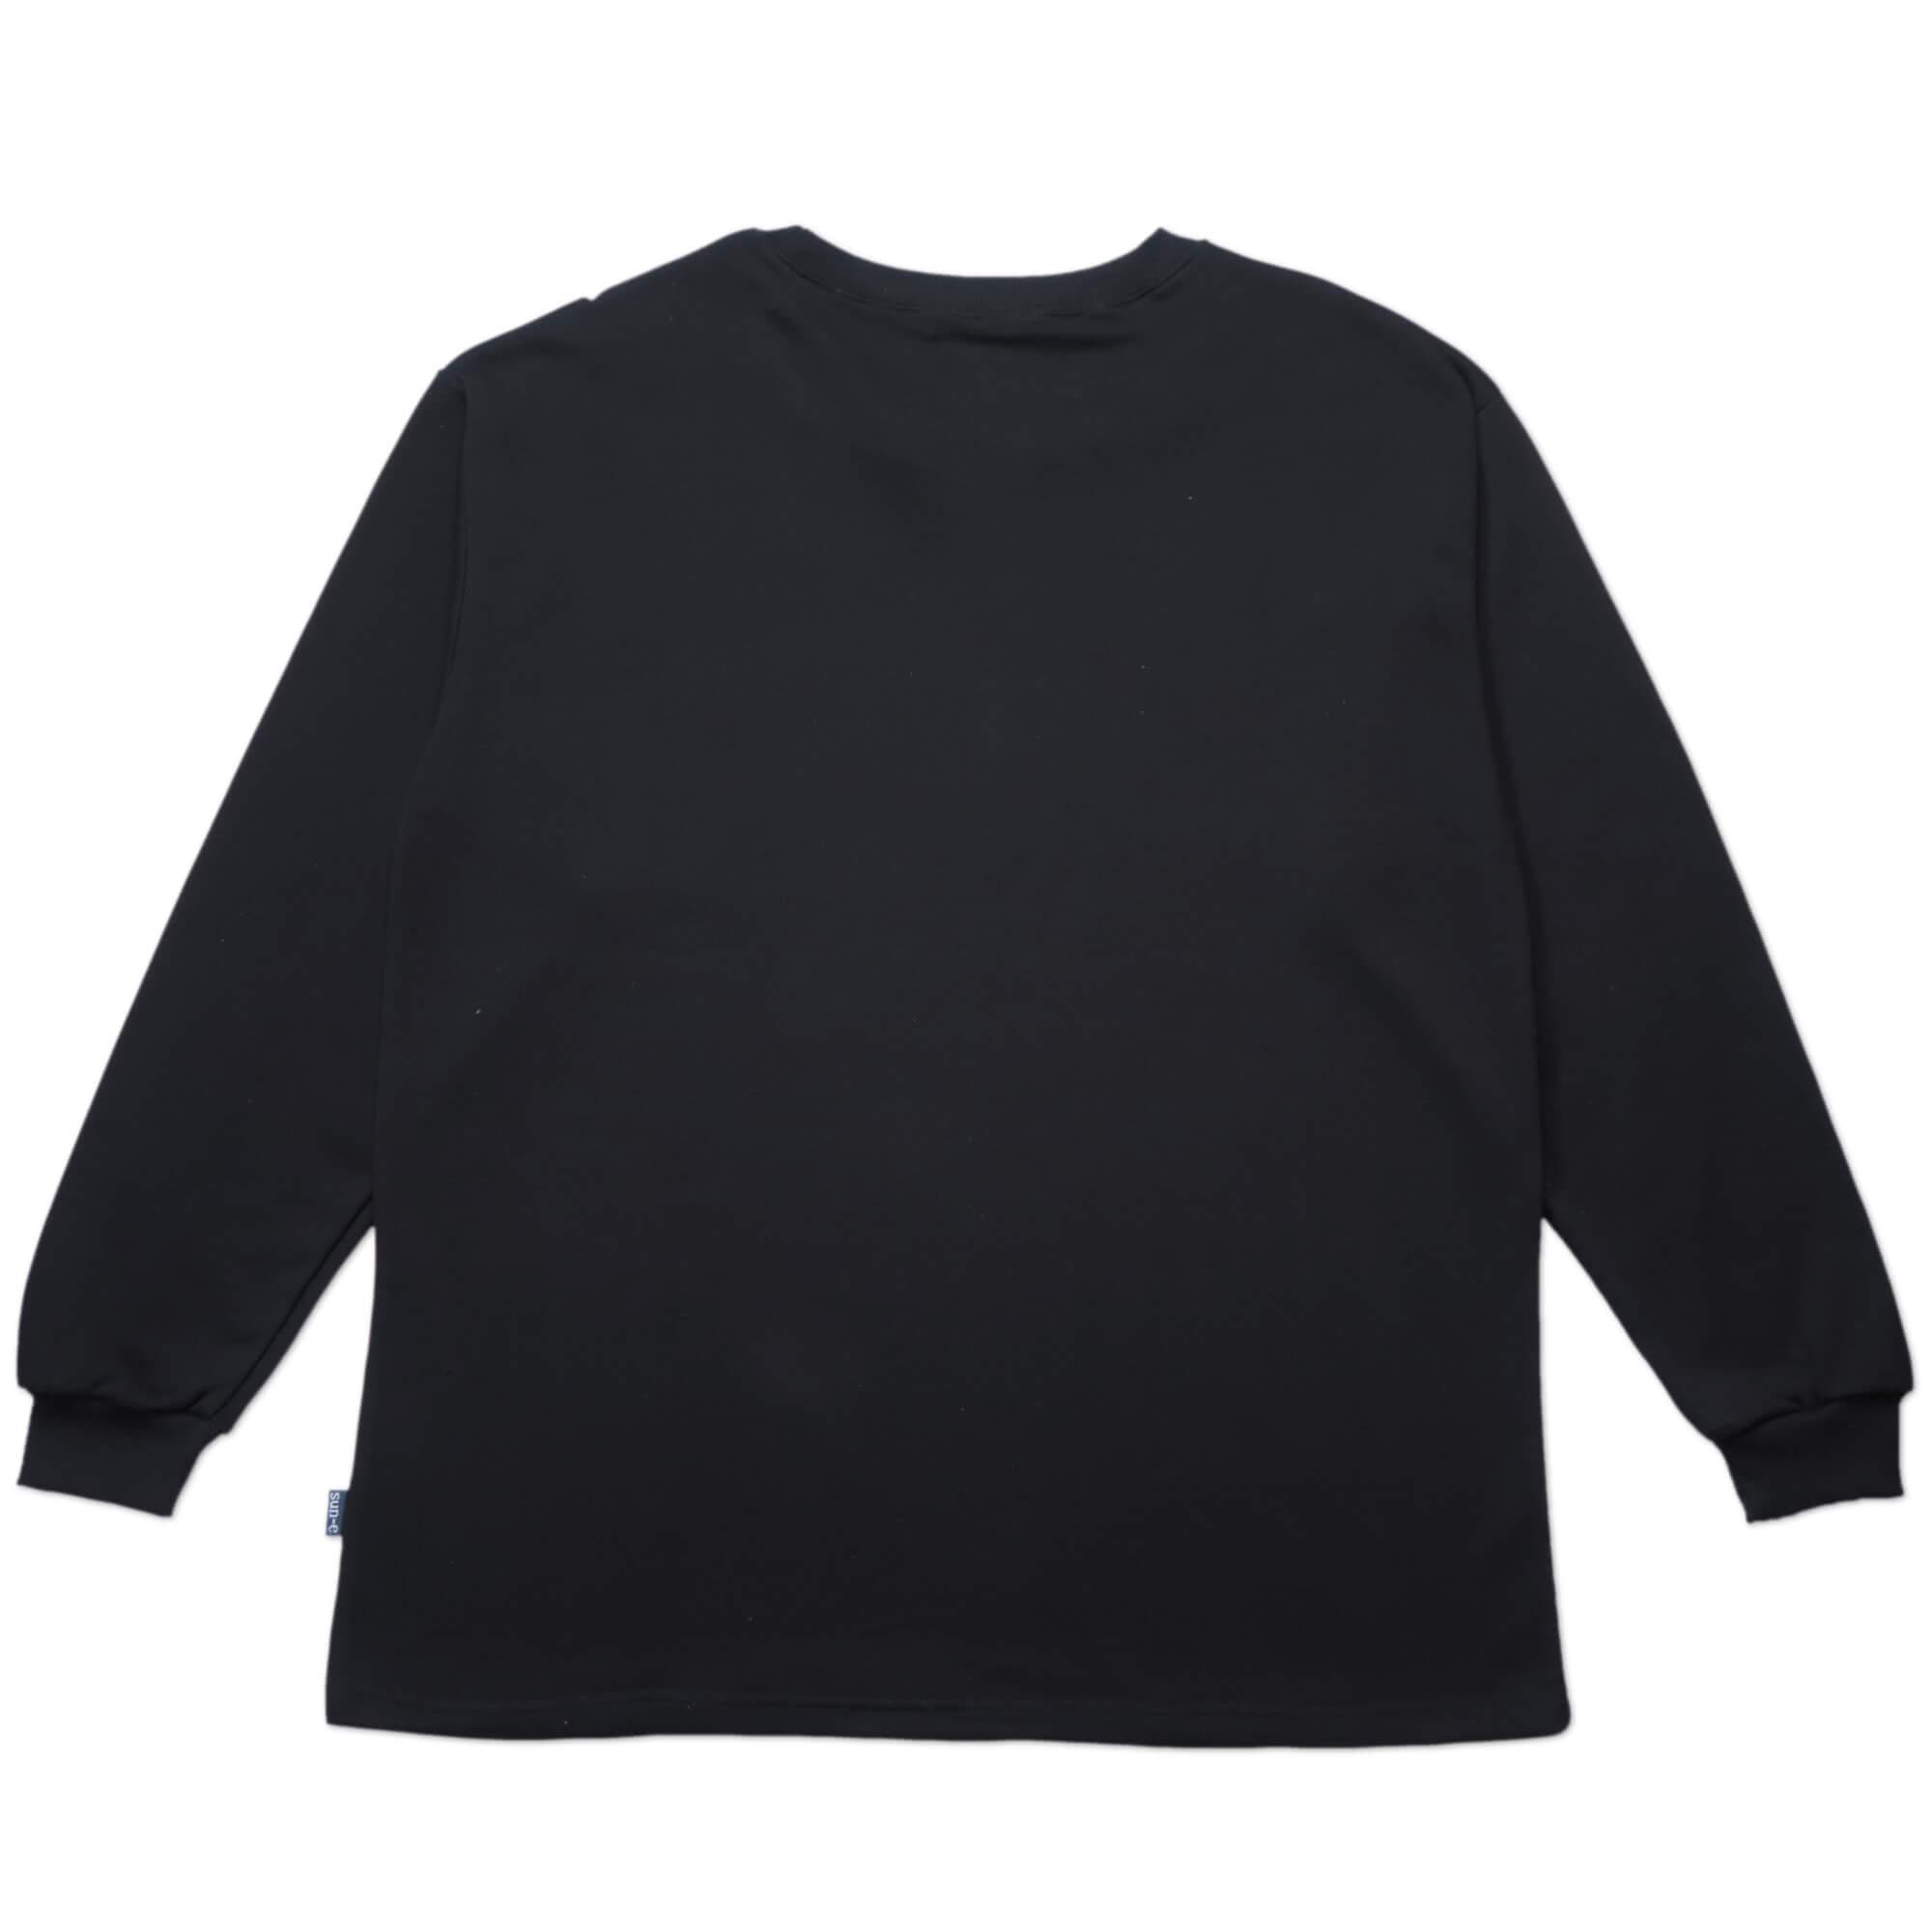 加大尺碼台灣製長袖T恤 西方龍圖及英文字彈性圓領T恤 T-shirt 長袖上衣 休閒長TEE 灰色T恤 黑色T恤 MADE IN TAIWAN BIG_AND_TALL (310-0861-21)黑色、(310-0861-22)灰色 4L 6L(胸圍52~57英吋) [實體店面保障] sun-e 2